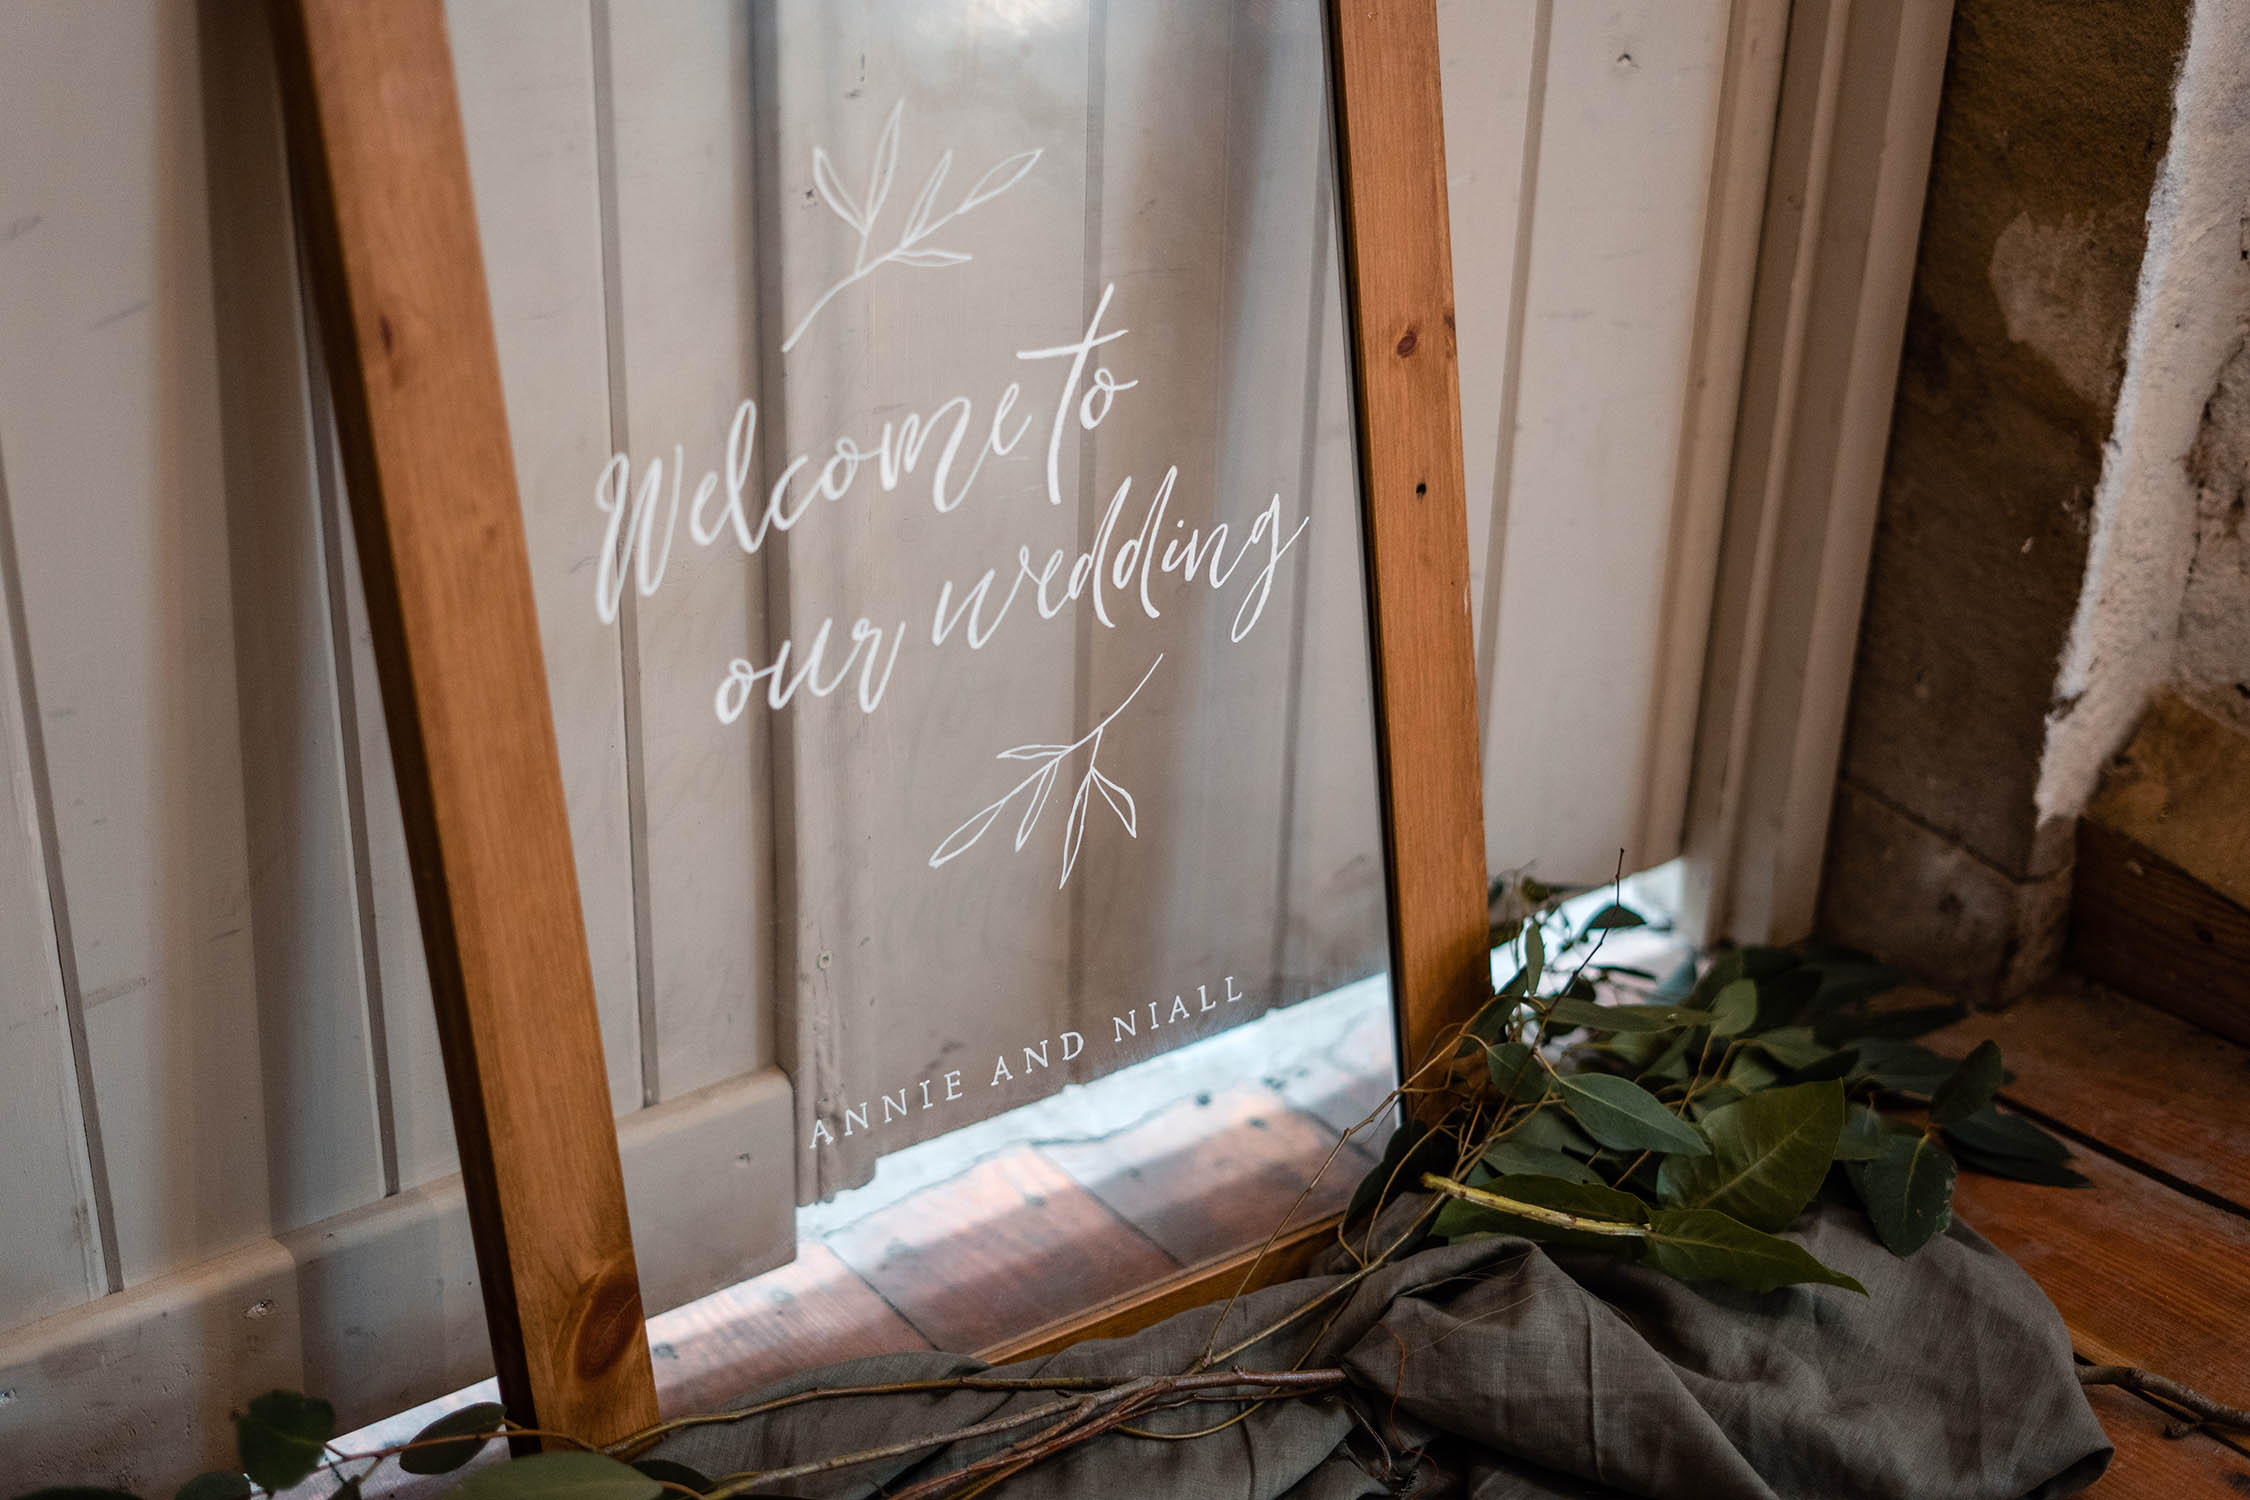 Wyresdale Wedding Signage 14.jpg